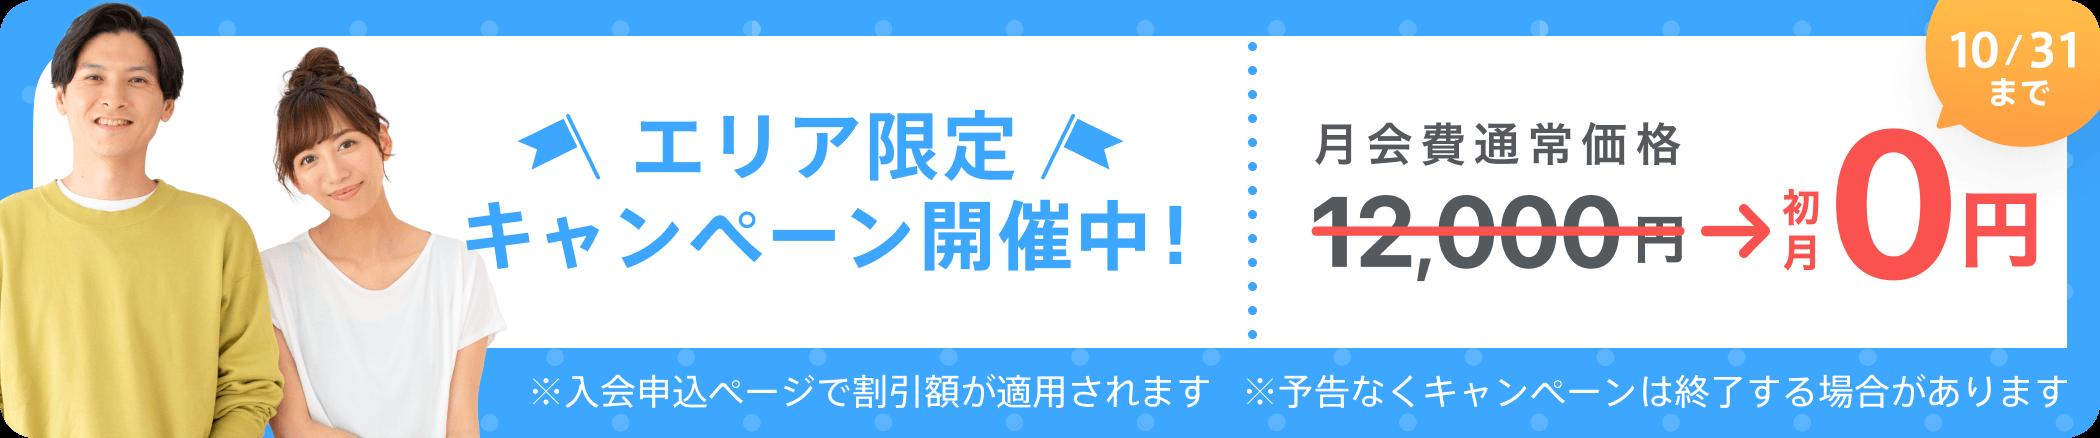 今だけ、エリア限定初月会費12,000円が無料!